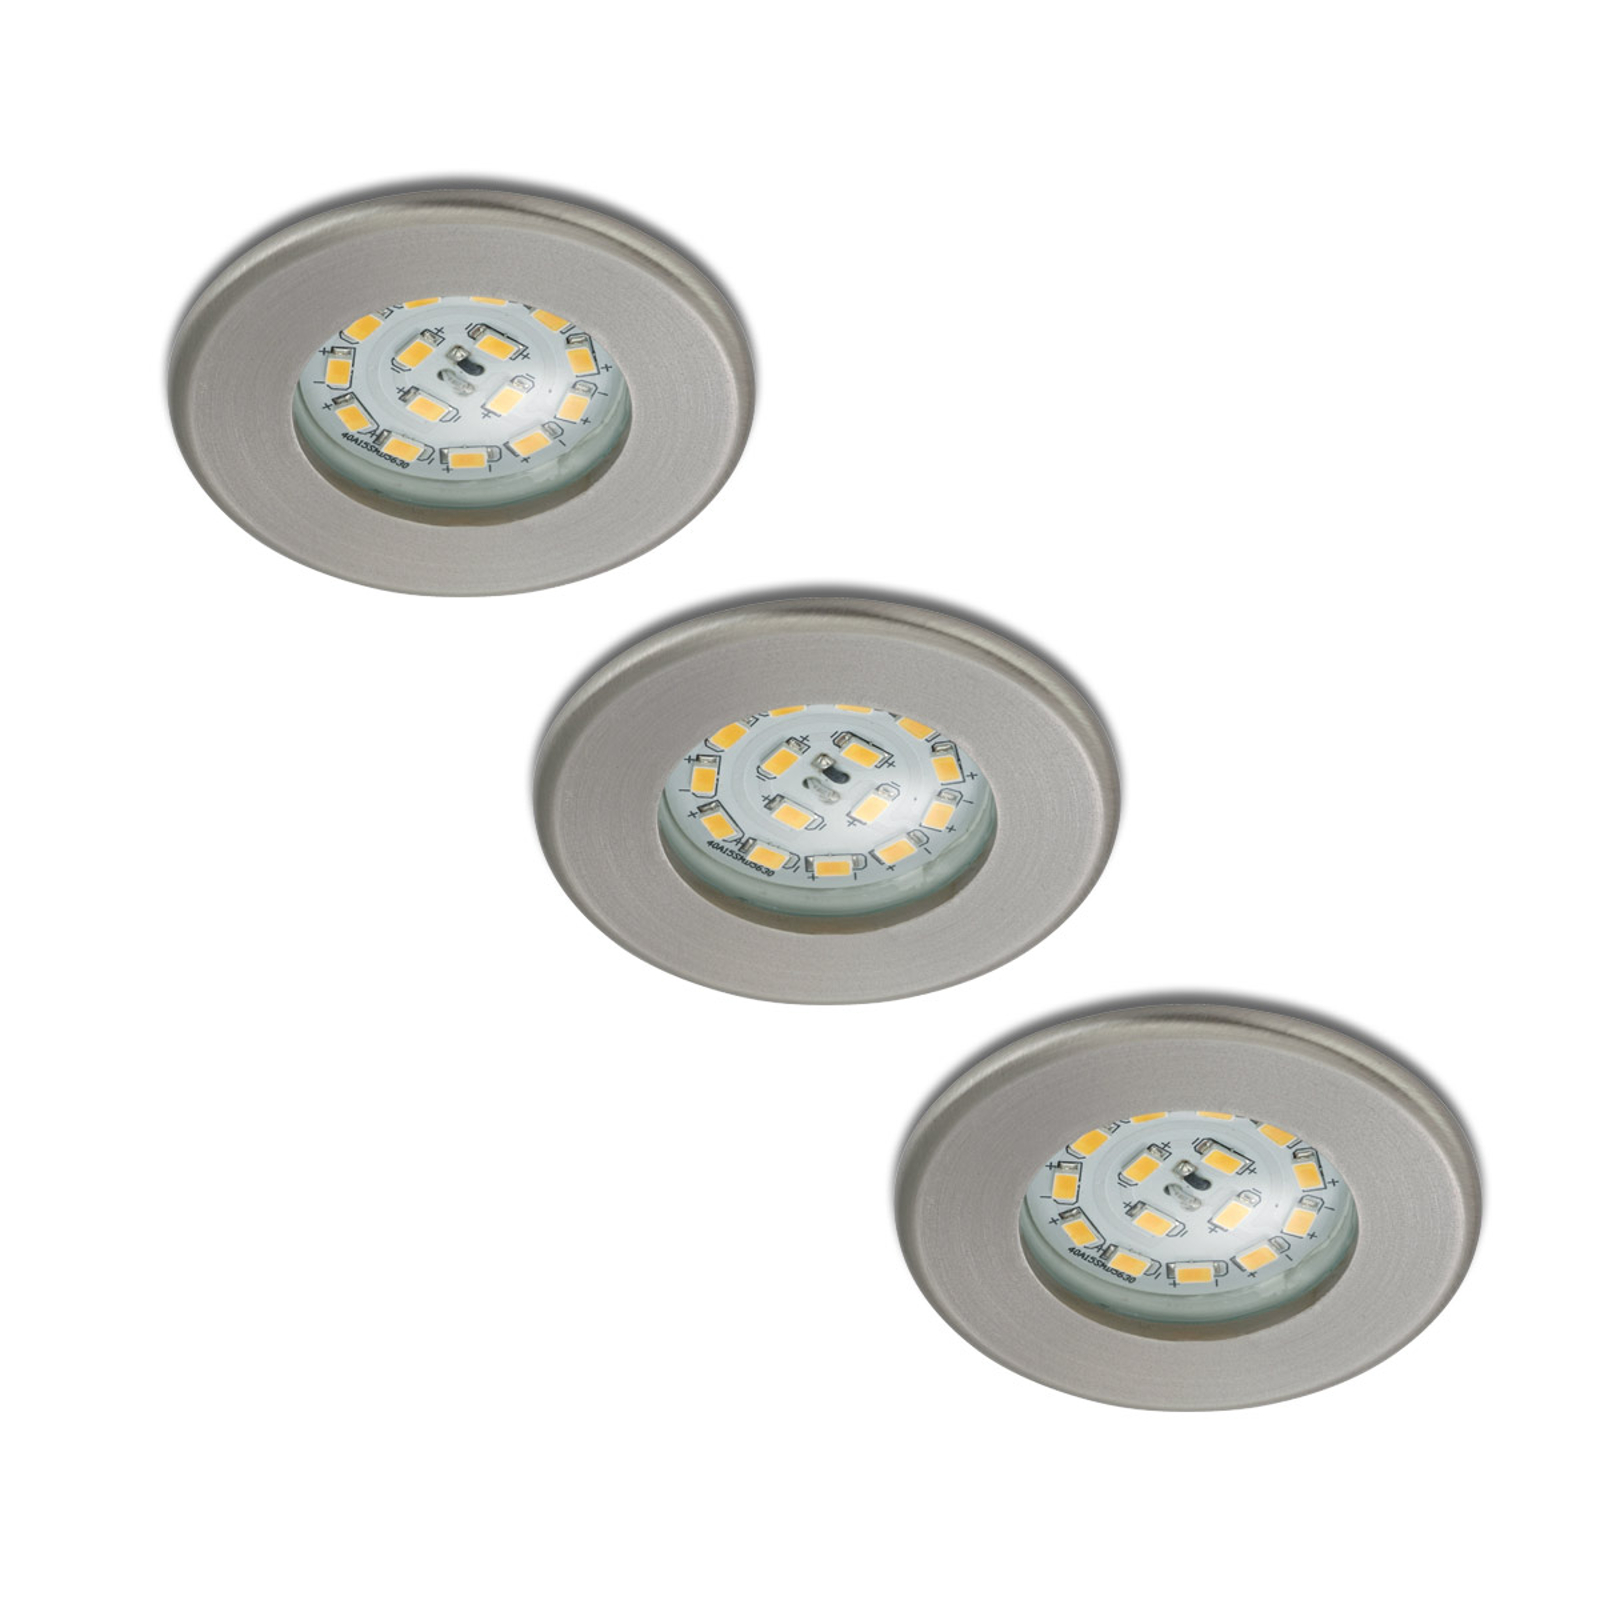 Sada 3 LED podhledových svítidel Nikas IP44 nikl